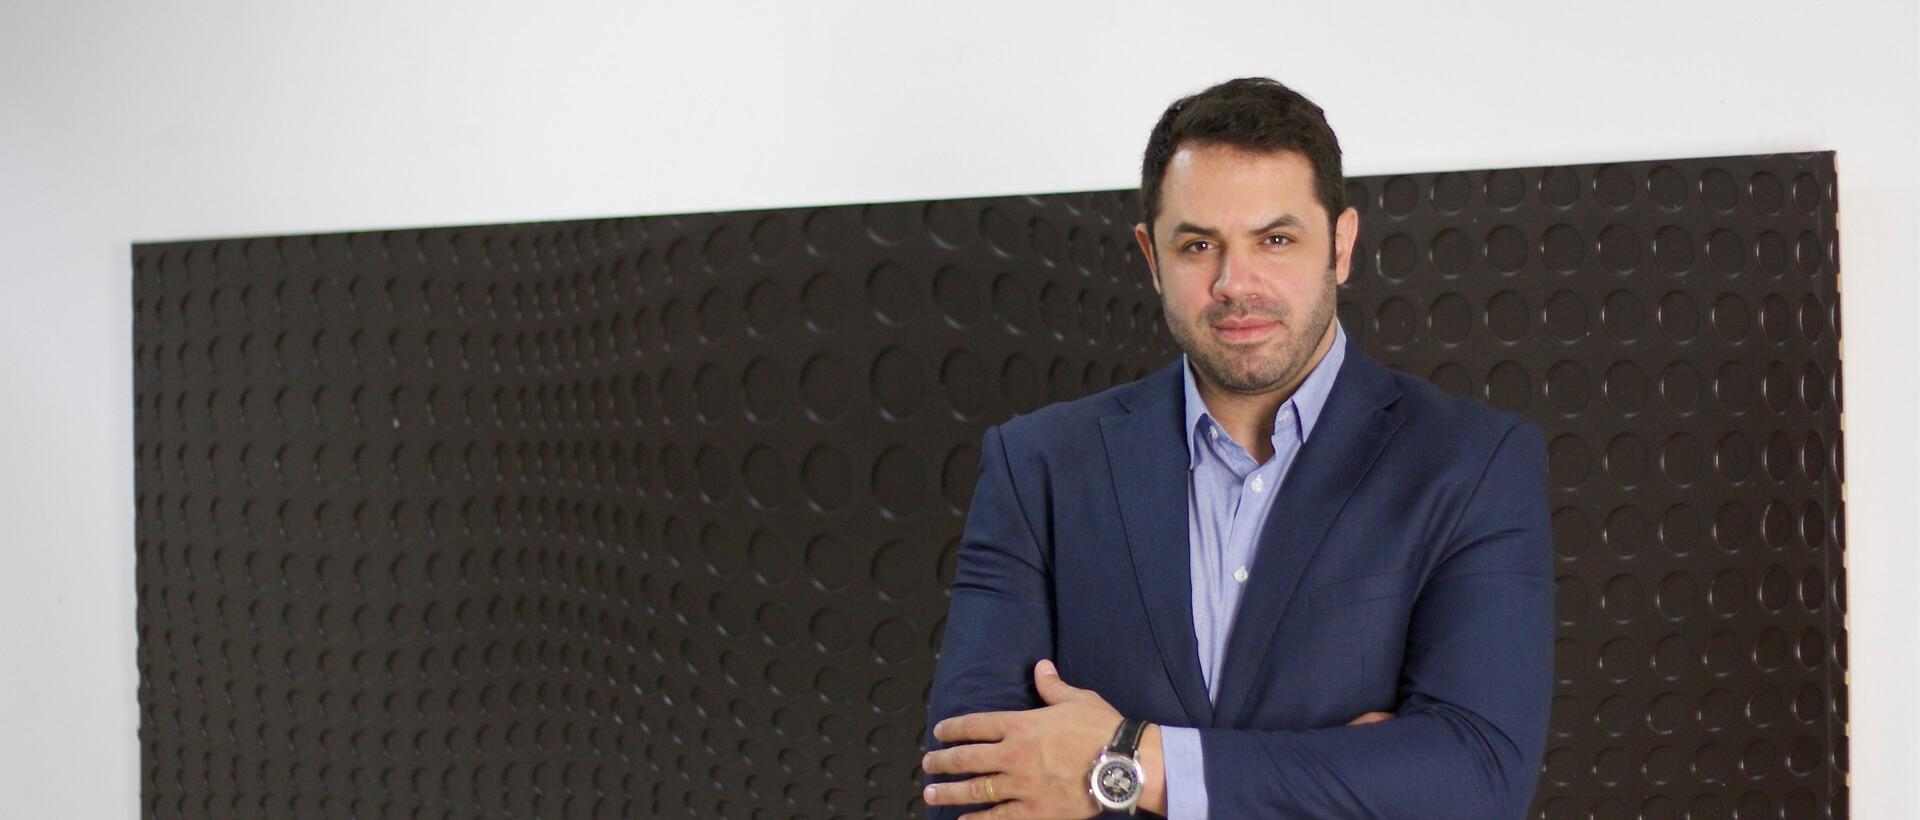 Doutor Derek Camargo